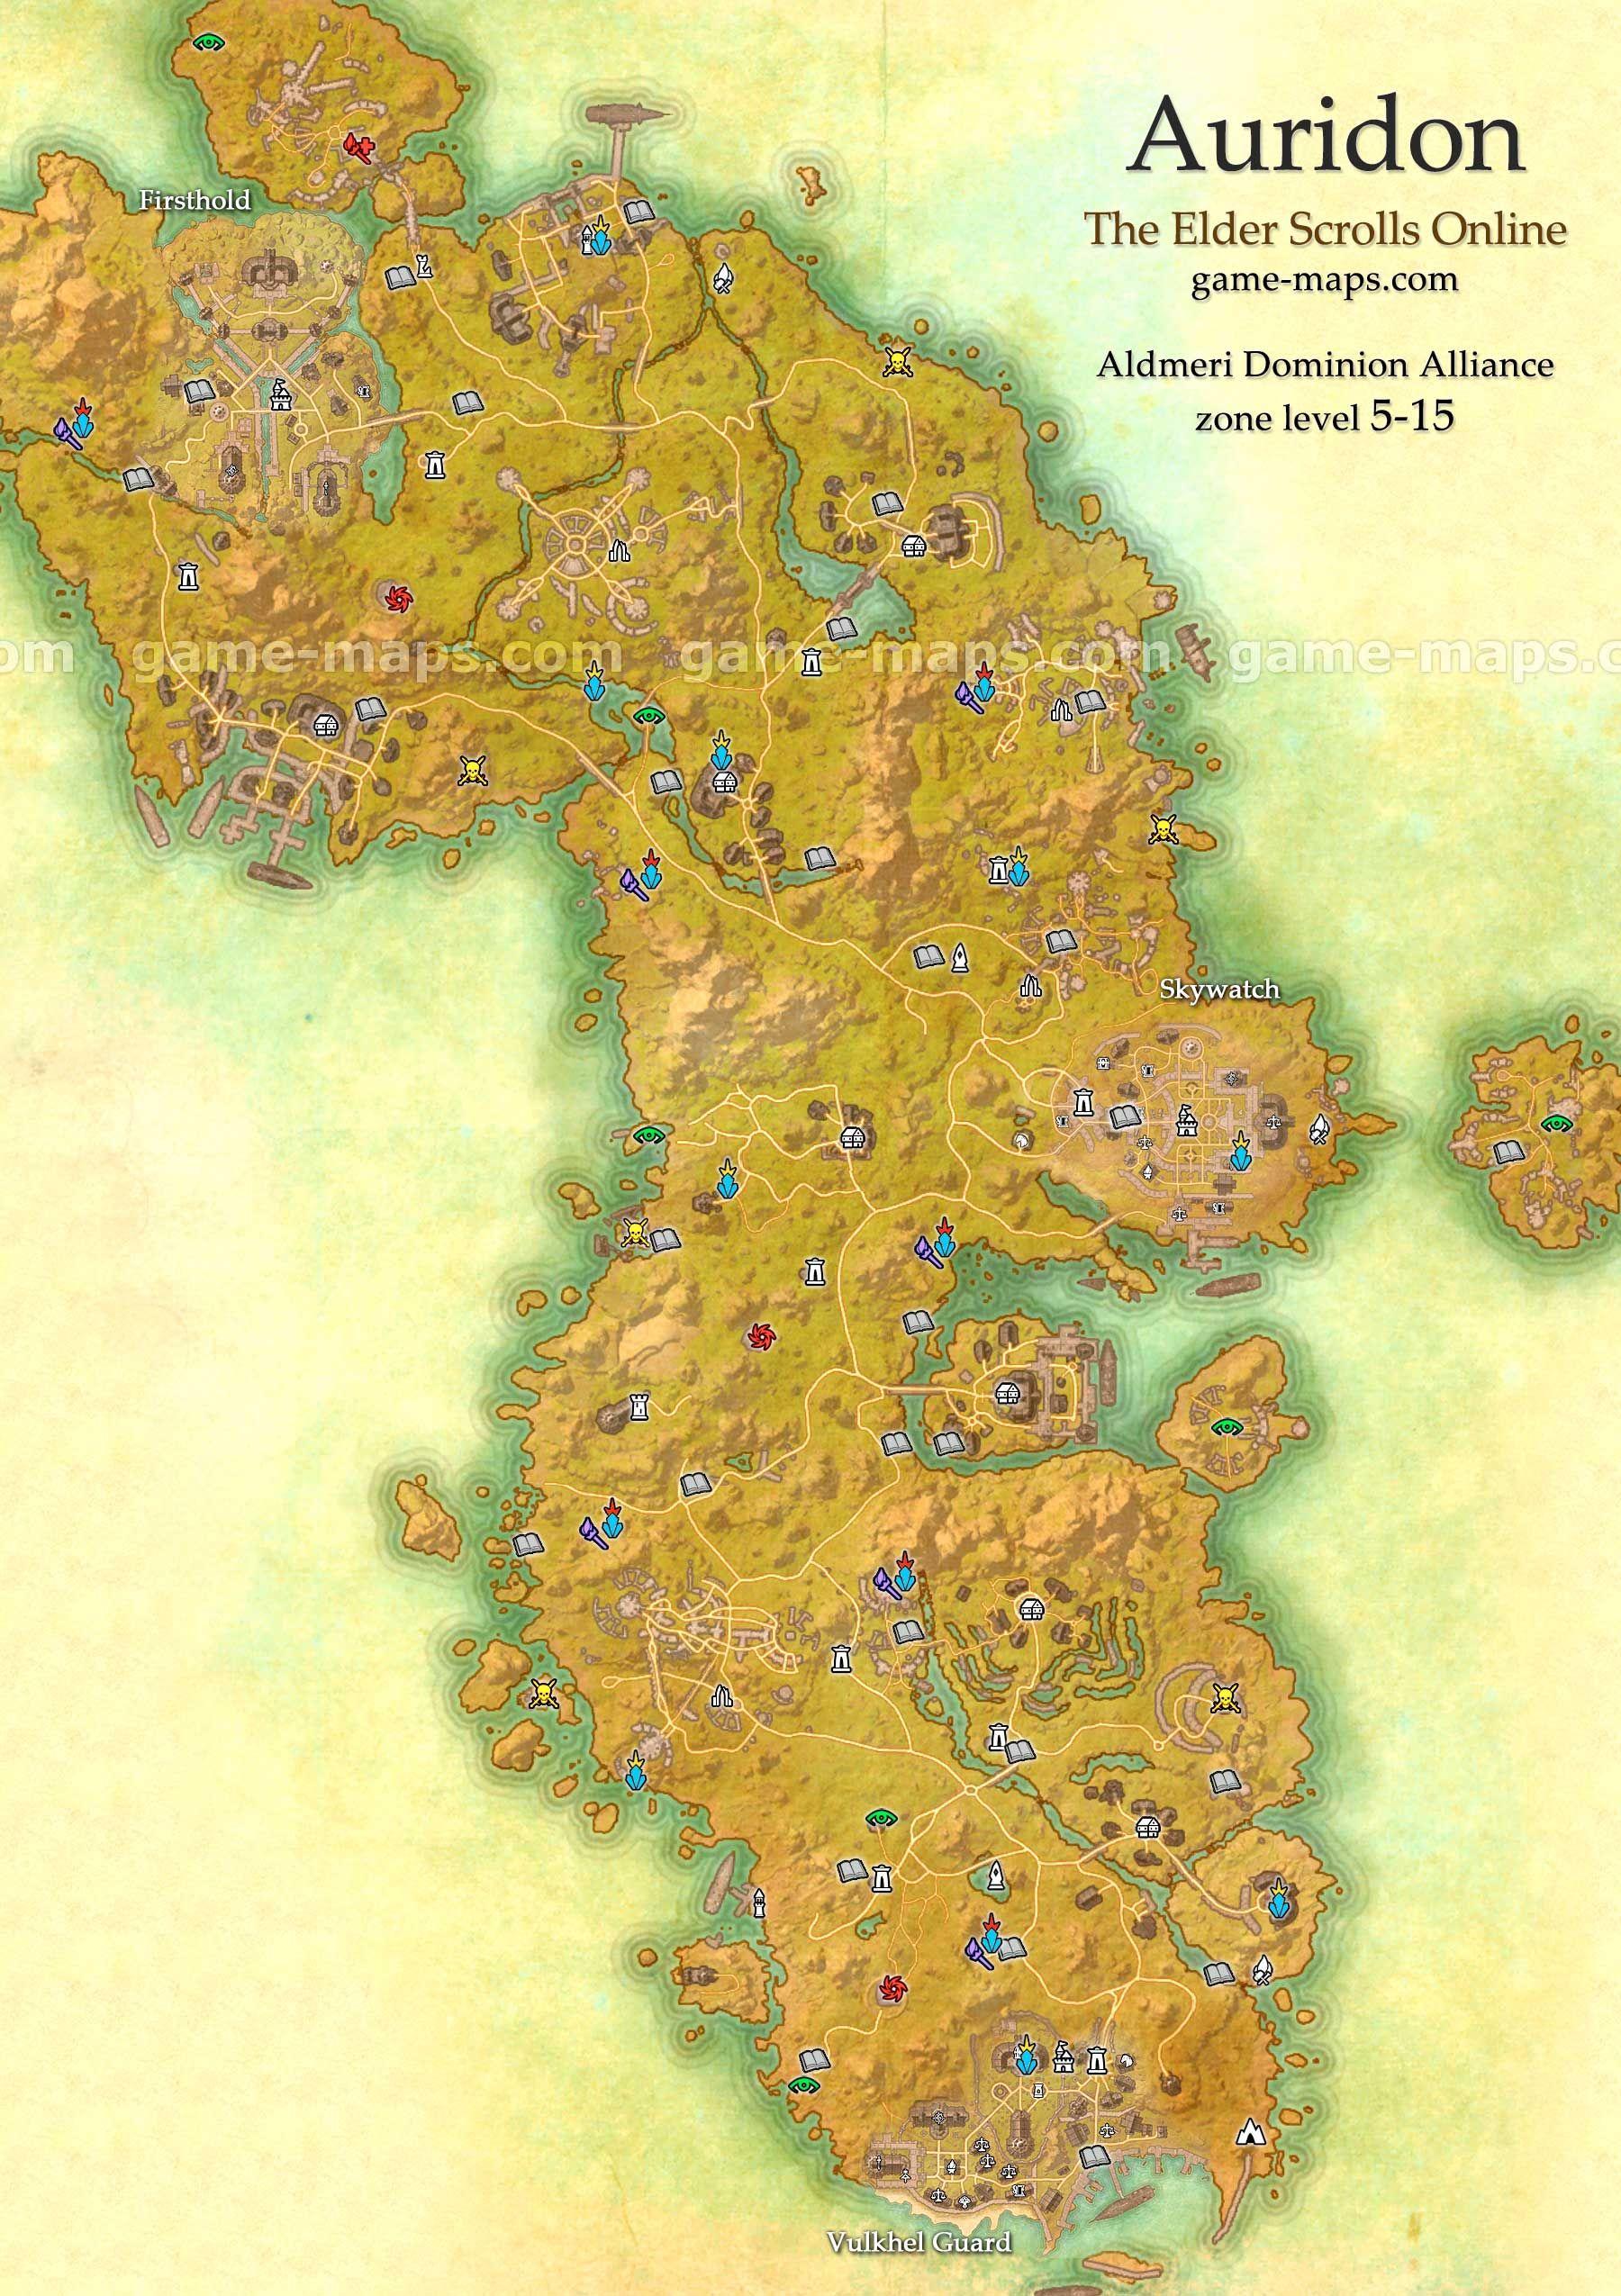 Auridon Map - The Elder Scrolls Online   Wallpapers   Elder scrolls ...